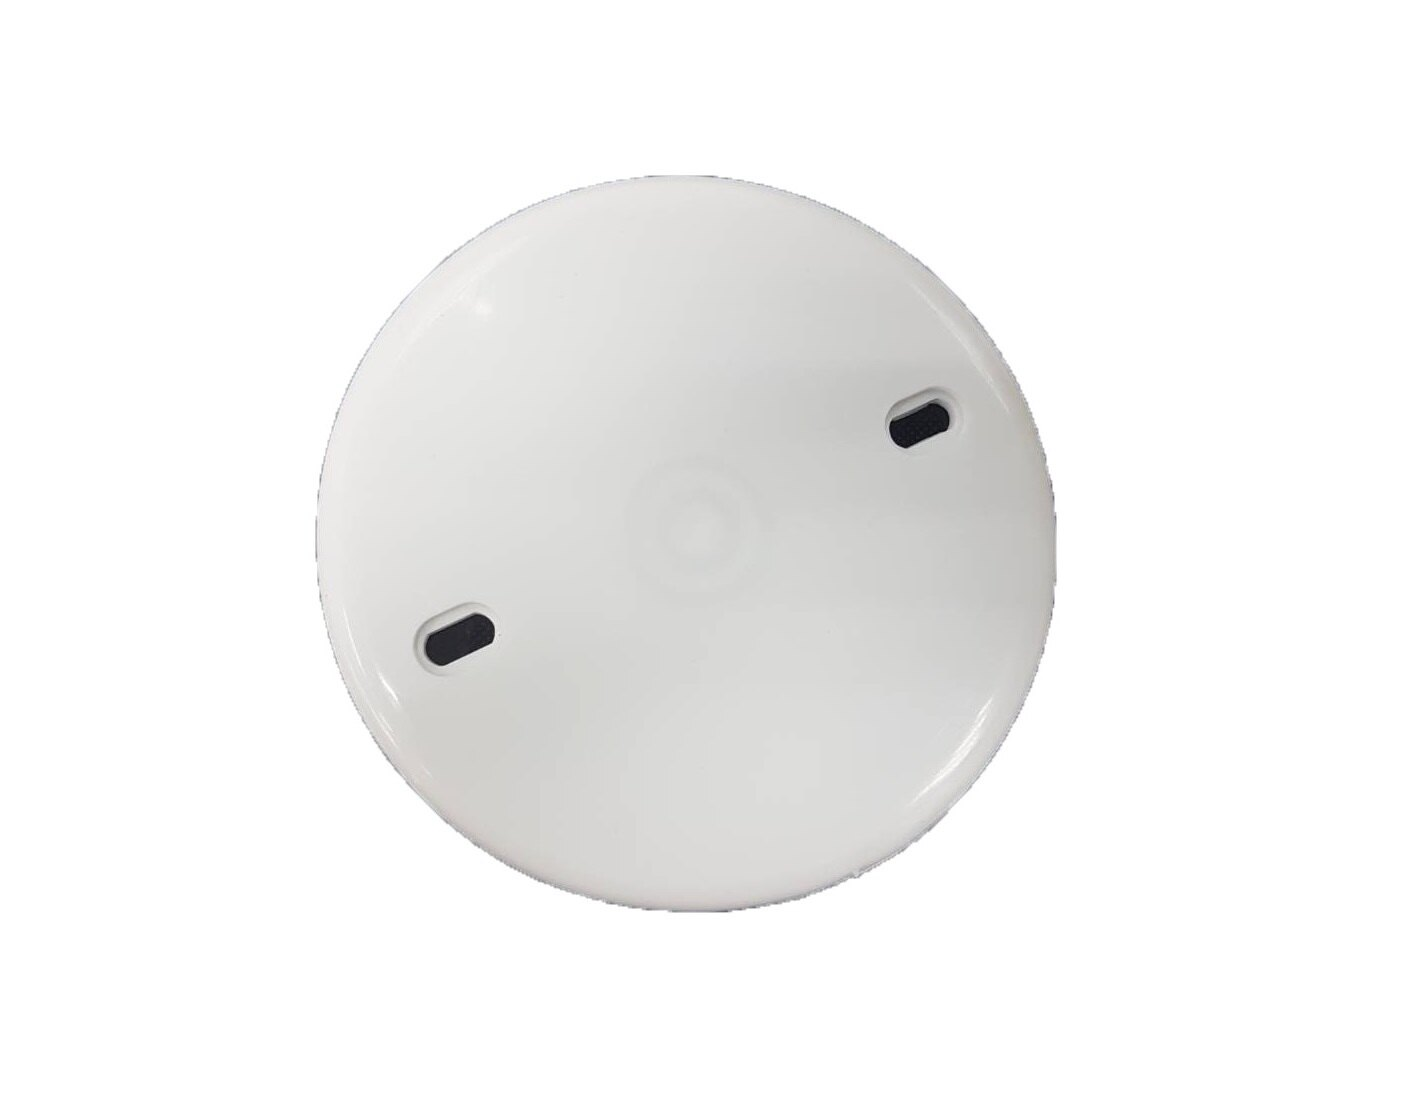 水電材料/天花板圓盲蓋 圓形蓋片 圓型蓋板 電燈.燈泡用// 永光照明S20-EQMVJD✈99購物節